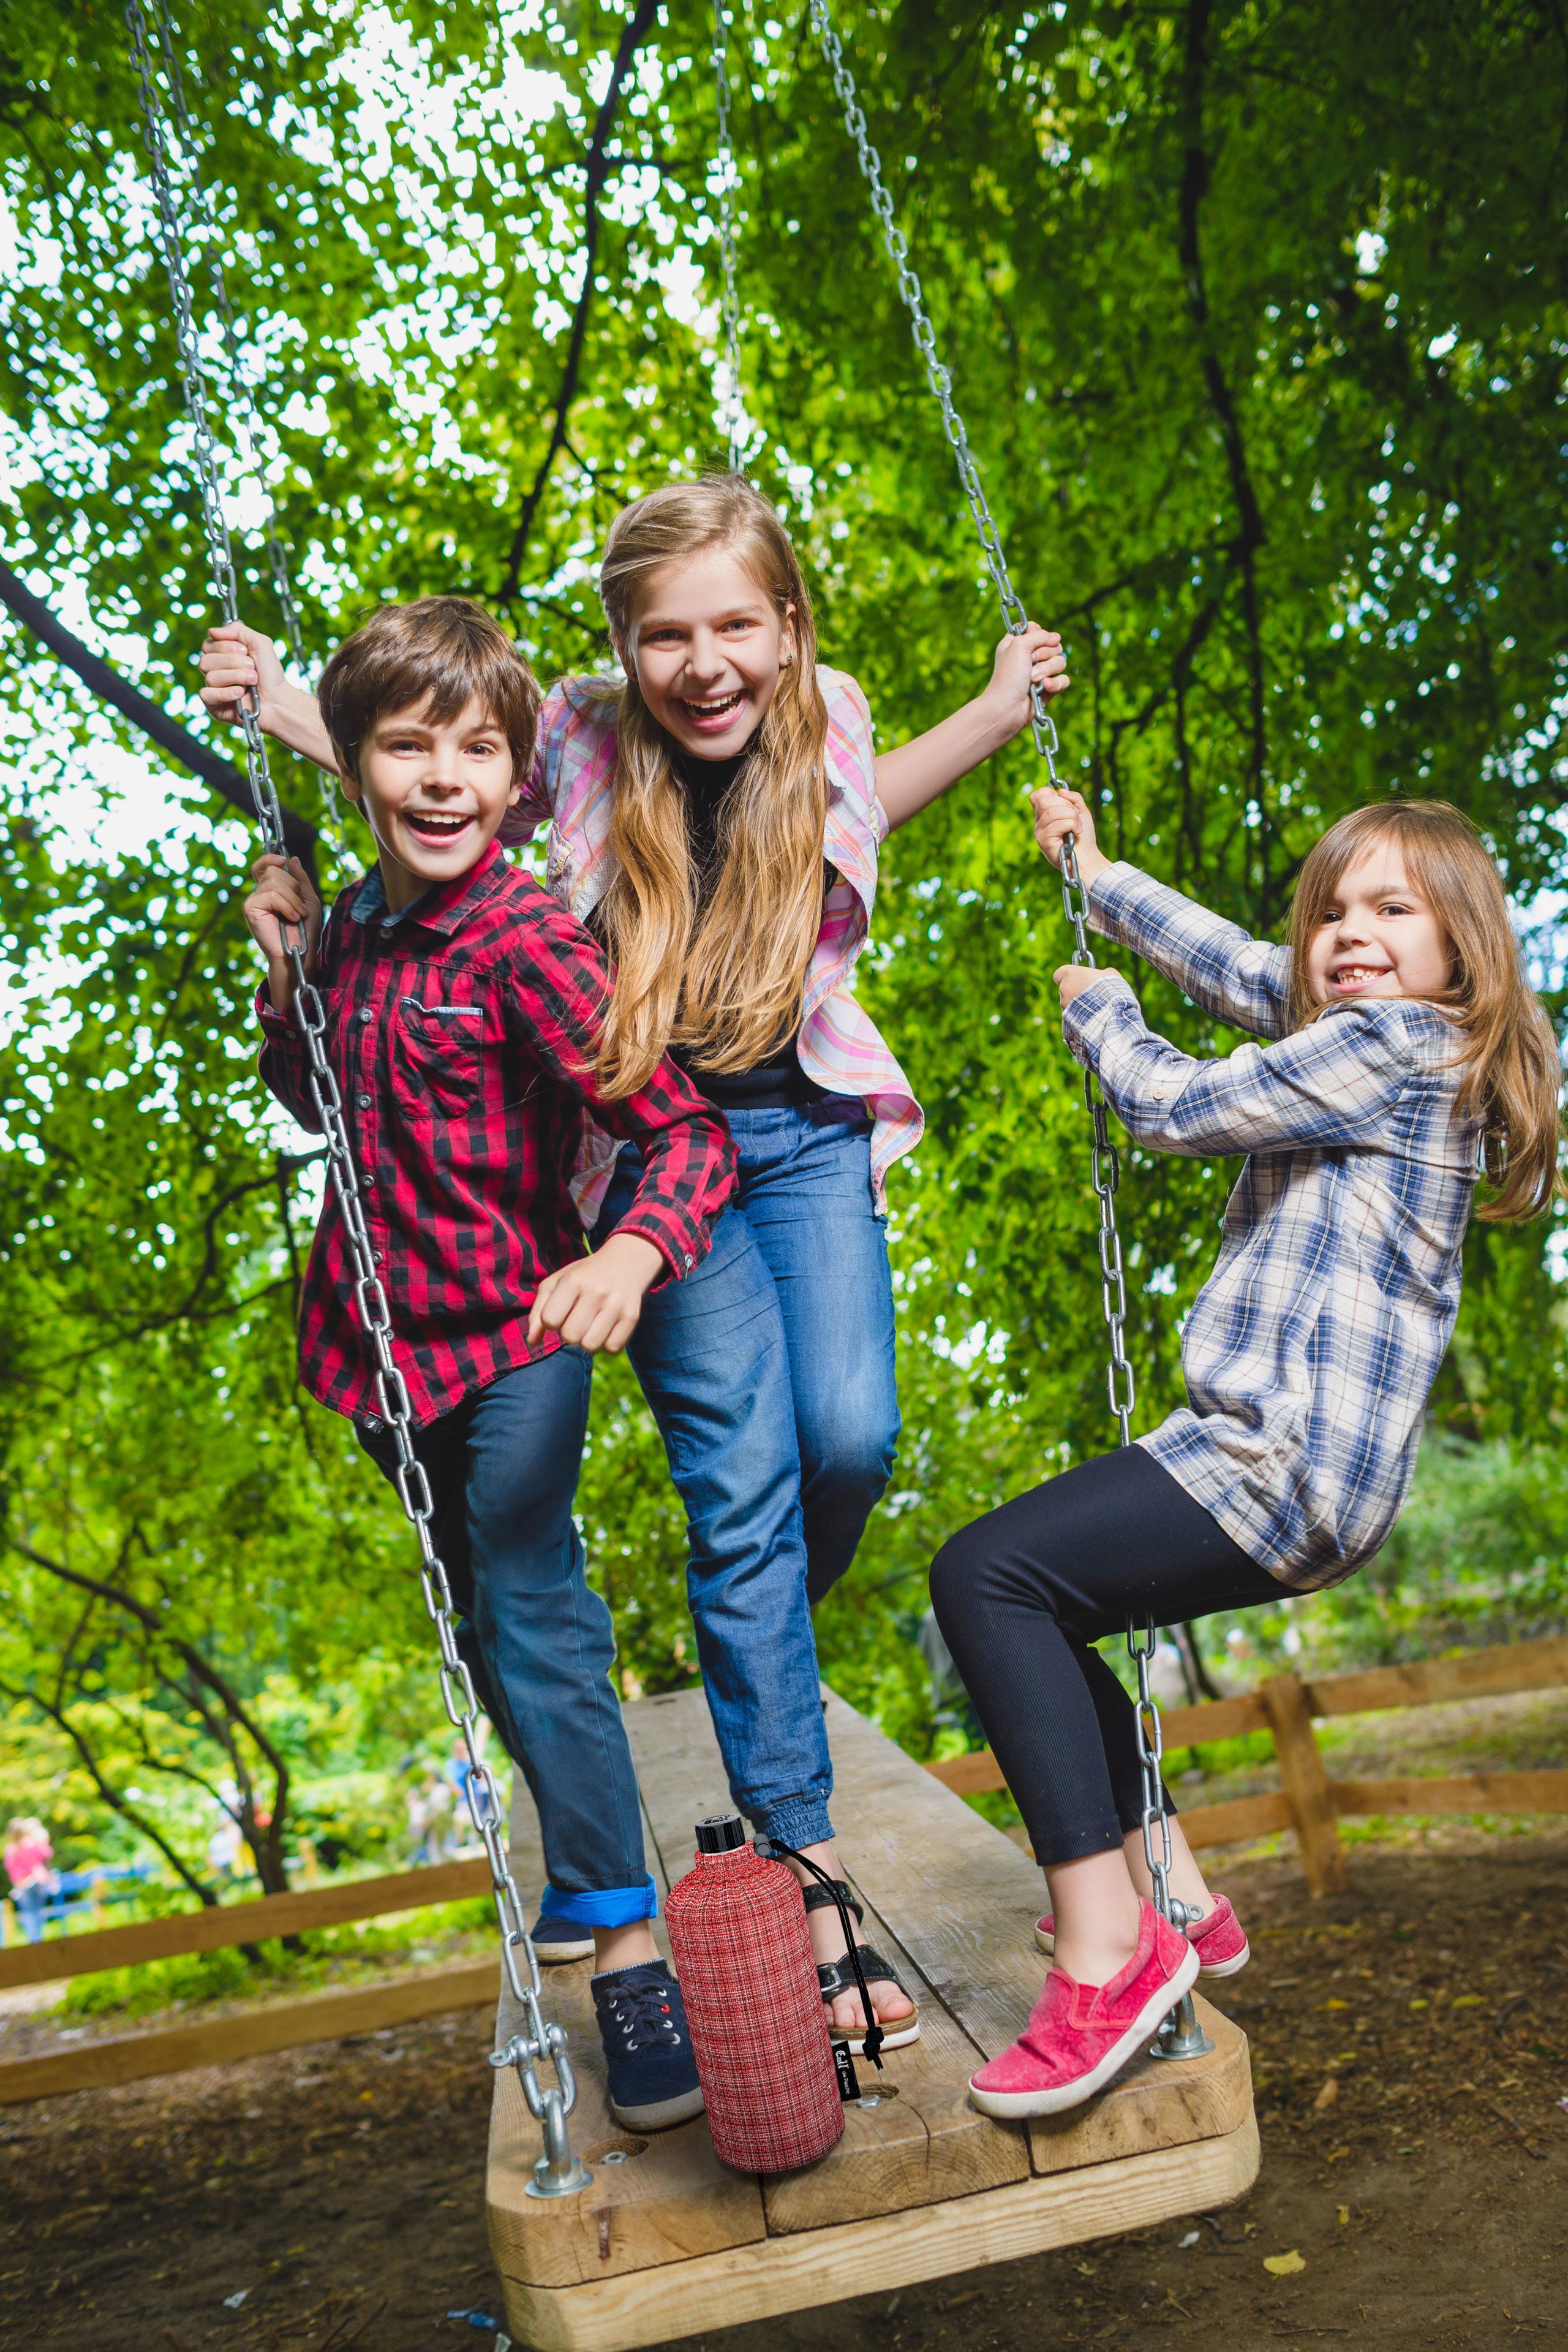 Trinkflasche nicht vergessen: Kinder lieben Action - das Herumtoben macht aber auch durstig - Sommer-Familienausflug